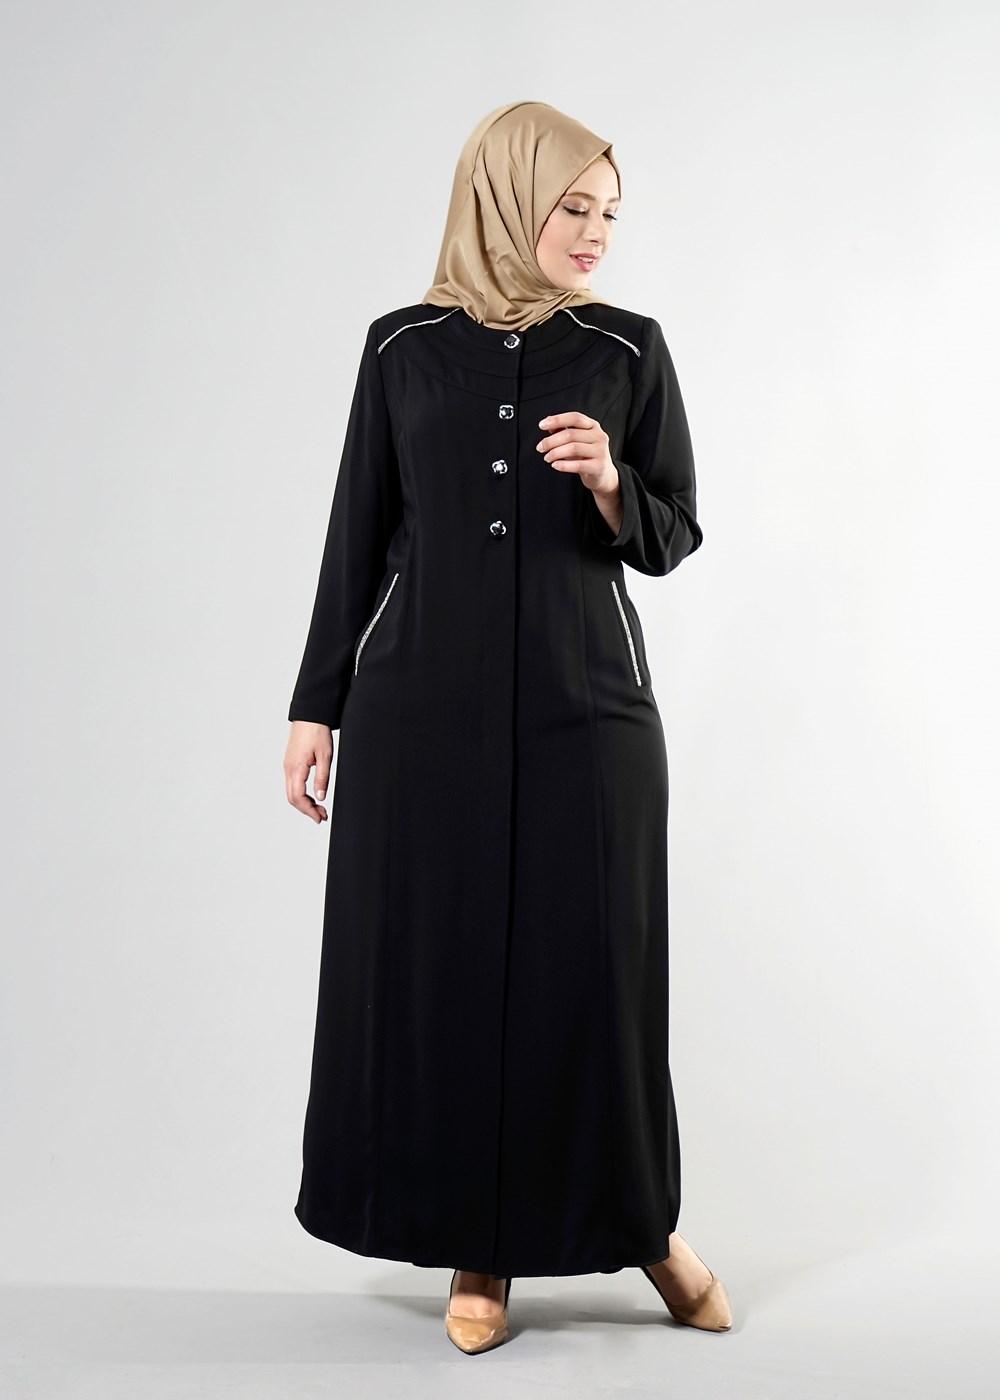 Femelle NOIR T 1533 Farah Tesettür Pardesü-Alv Fashion